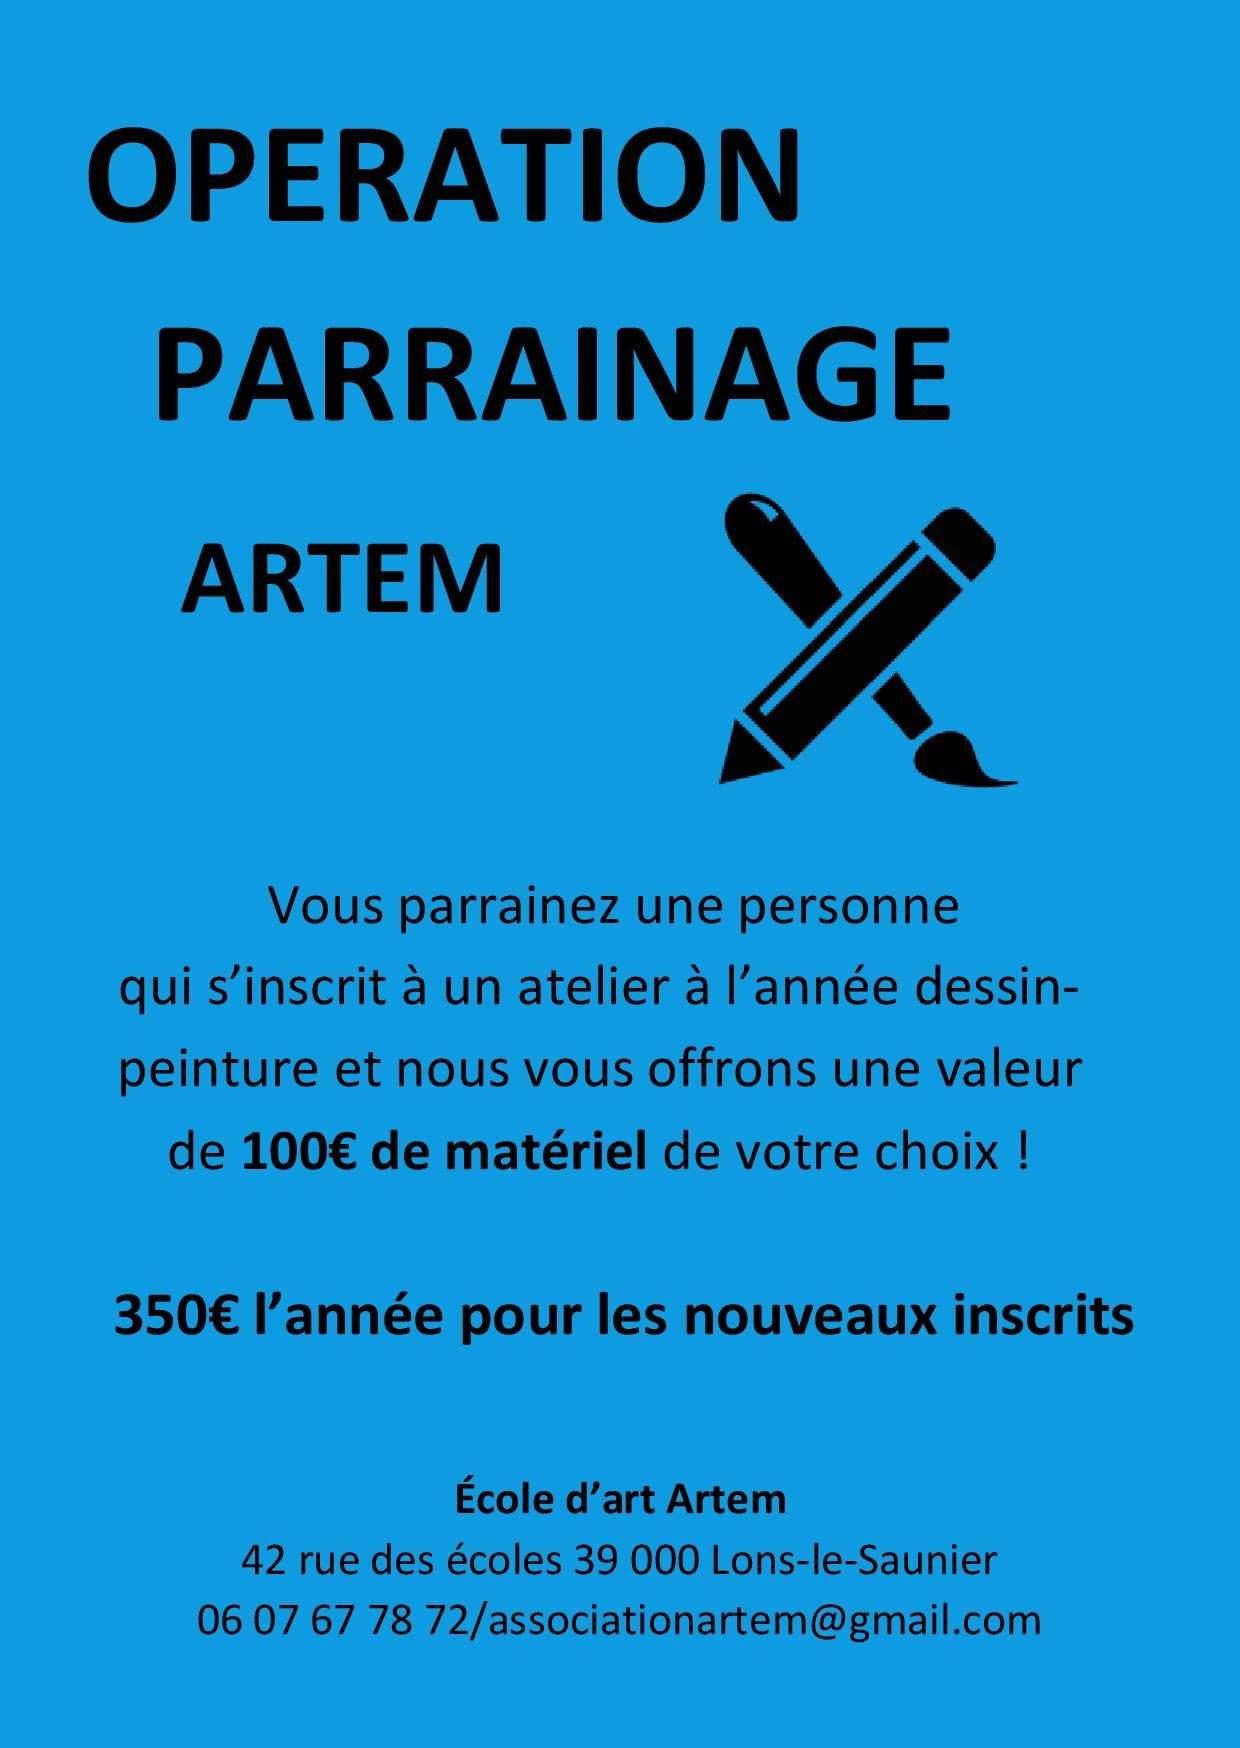 Ecole d'art ARTEM - Cours de dessin peinture